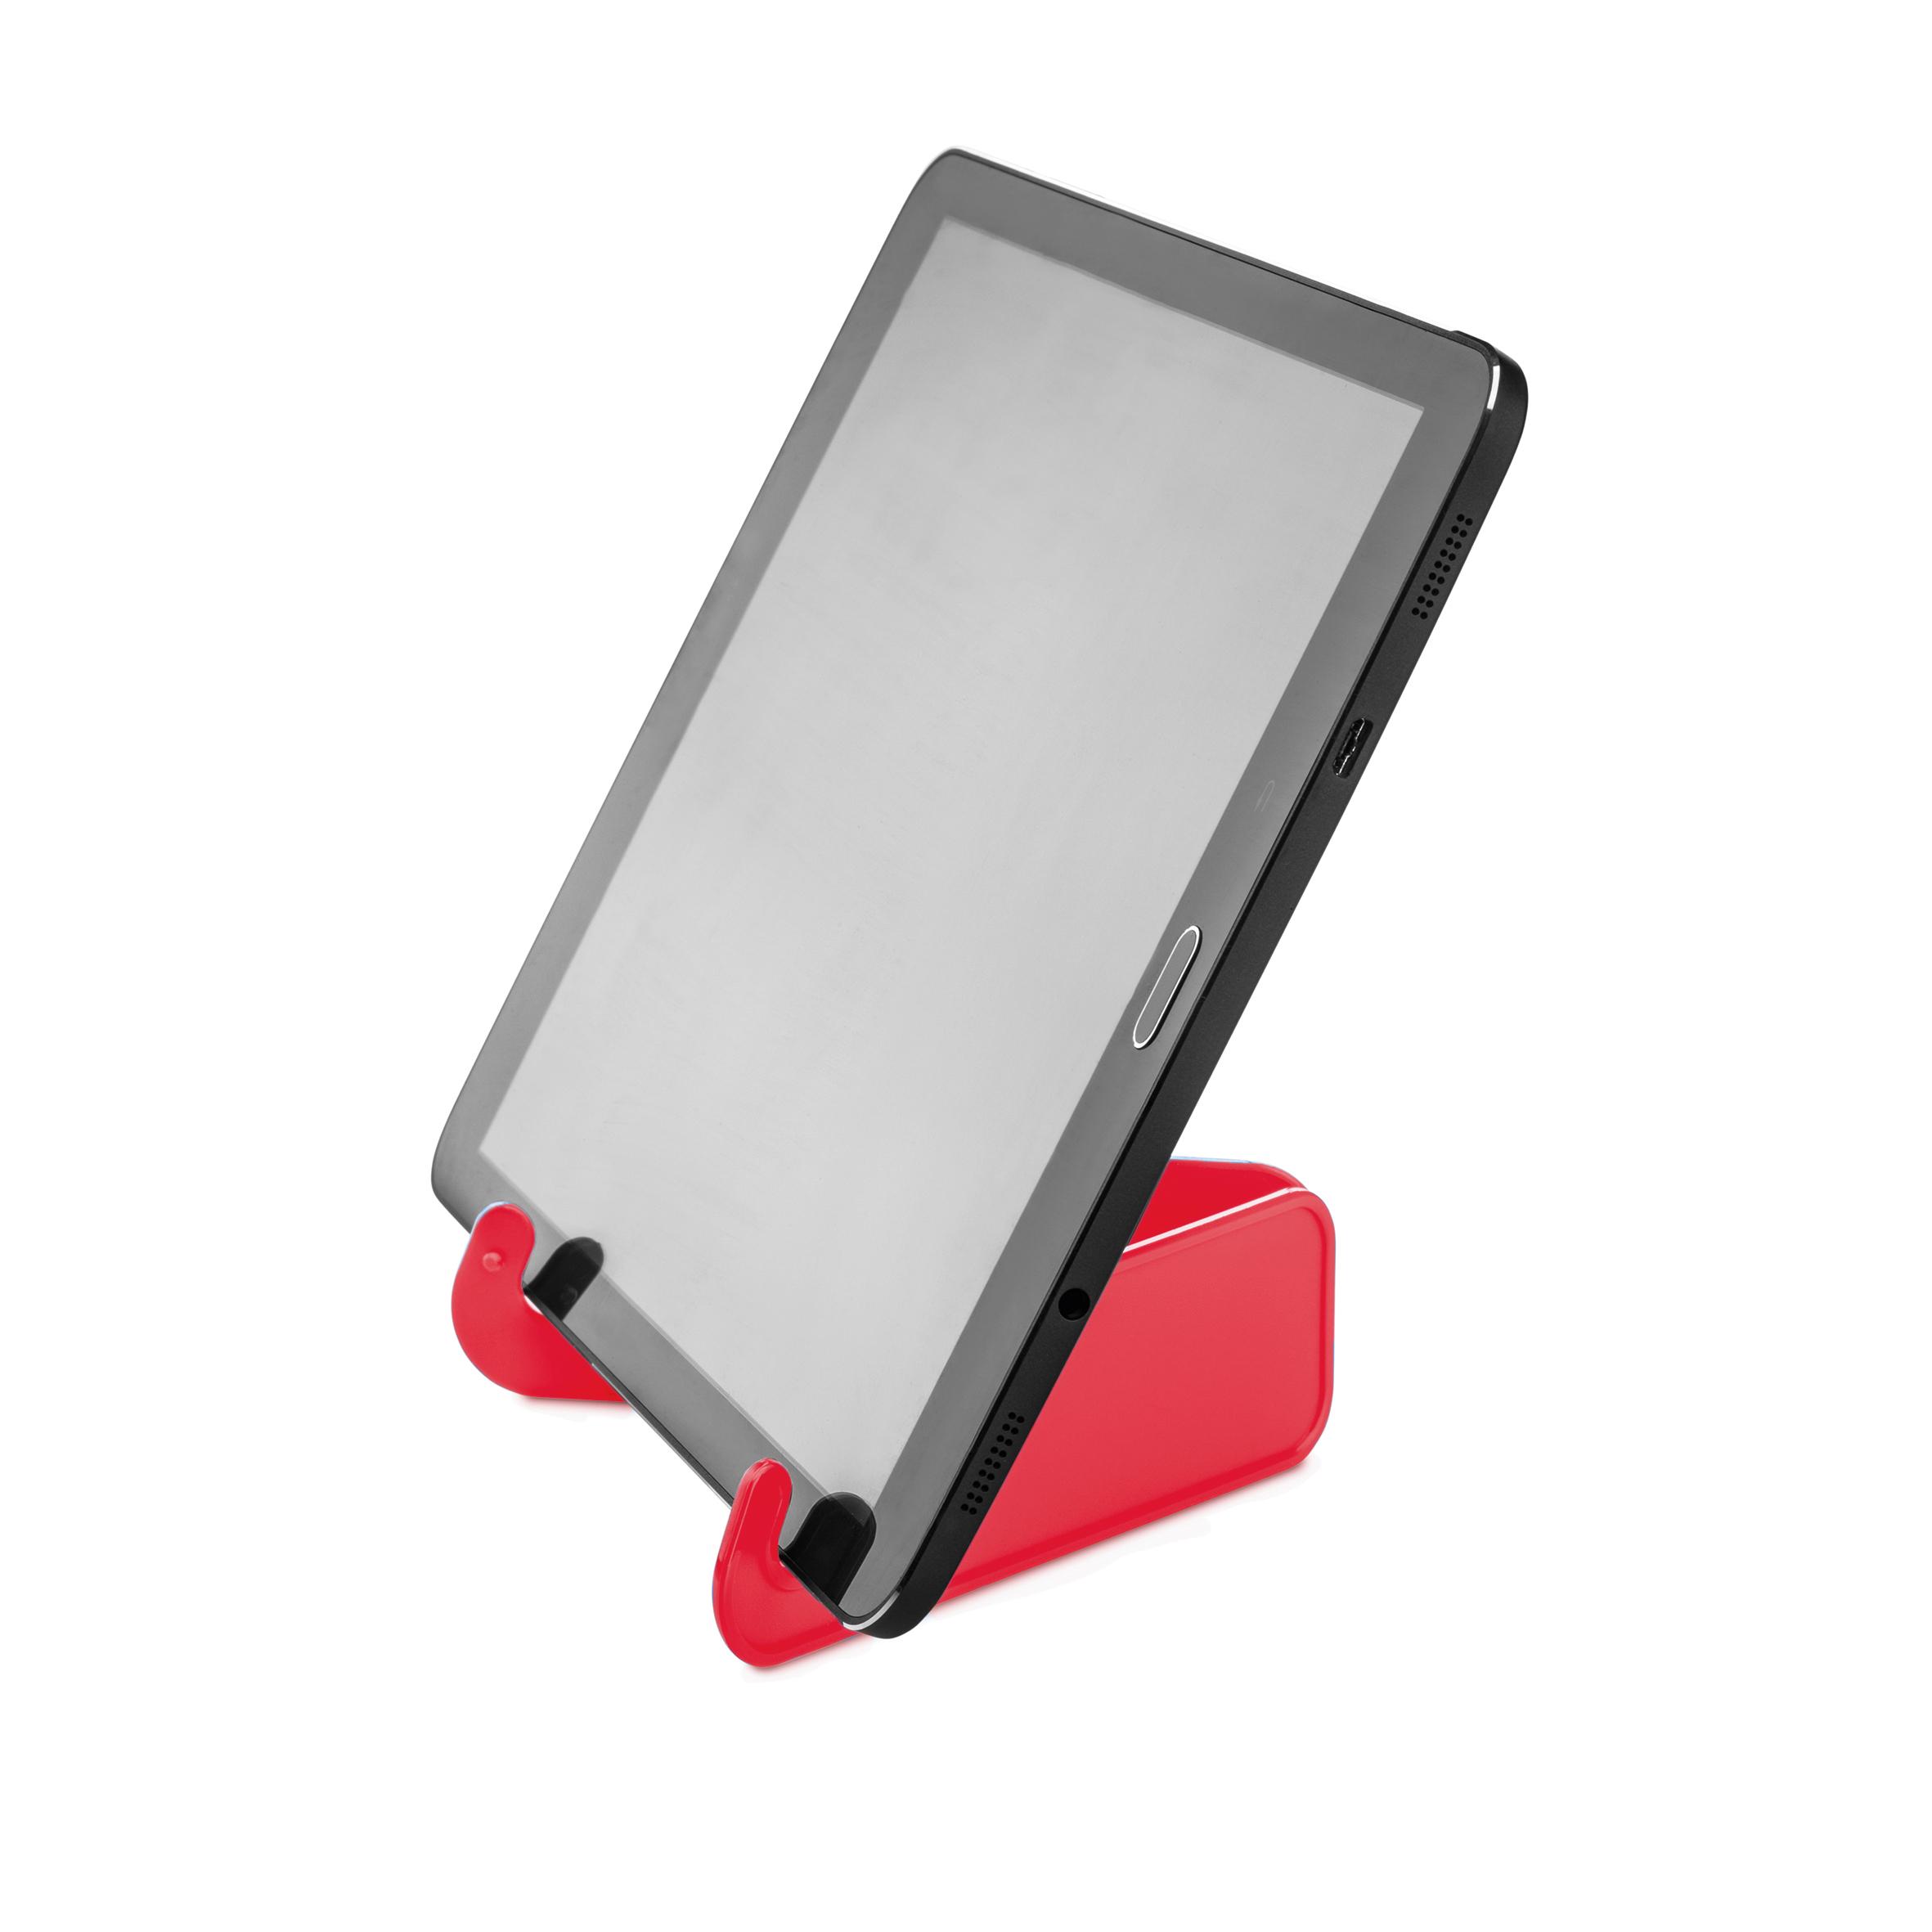 tablet halter ds24 tablet halter f r dji mavic pro tablet. Black Bedroom Furniture Sets. Home Design Ideas